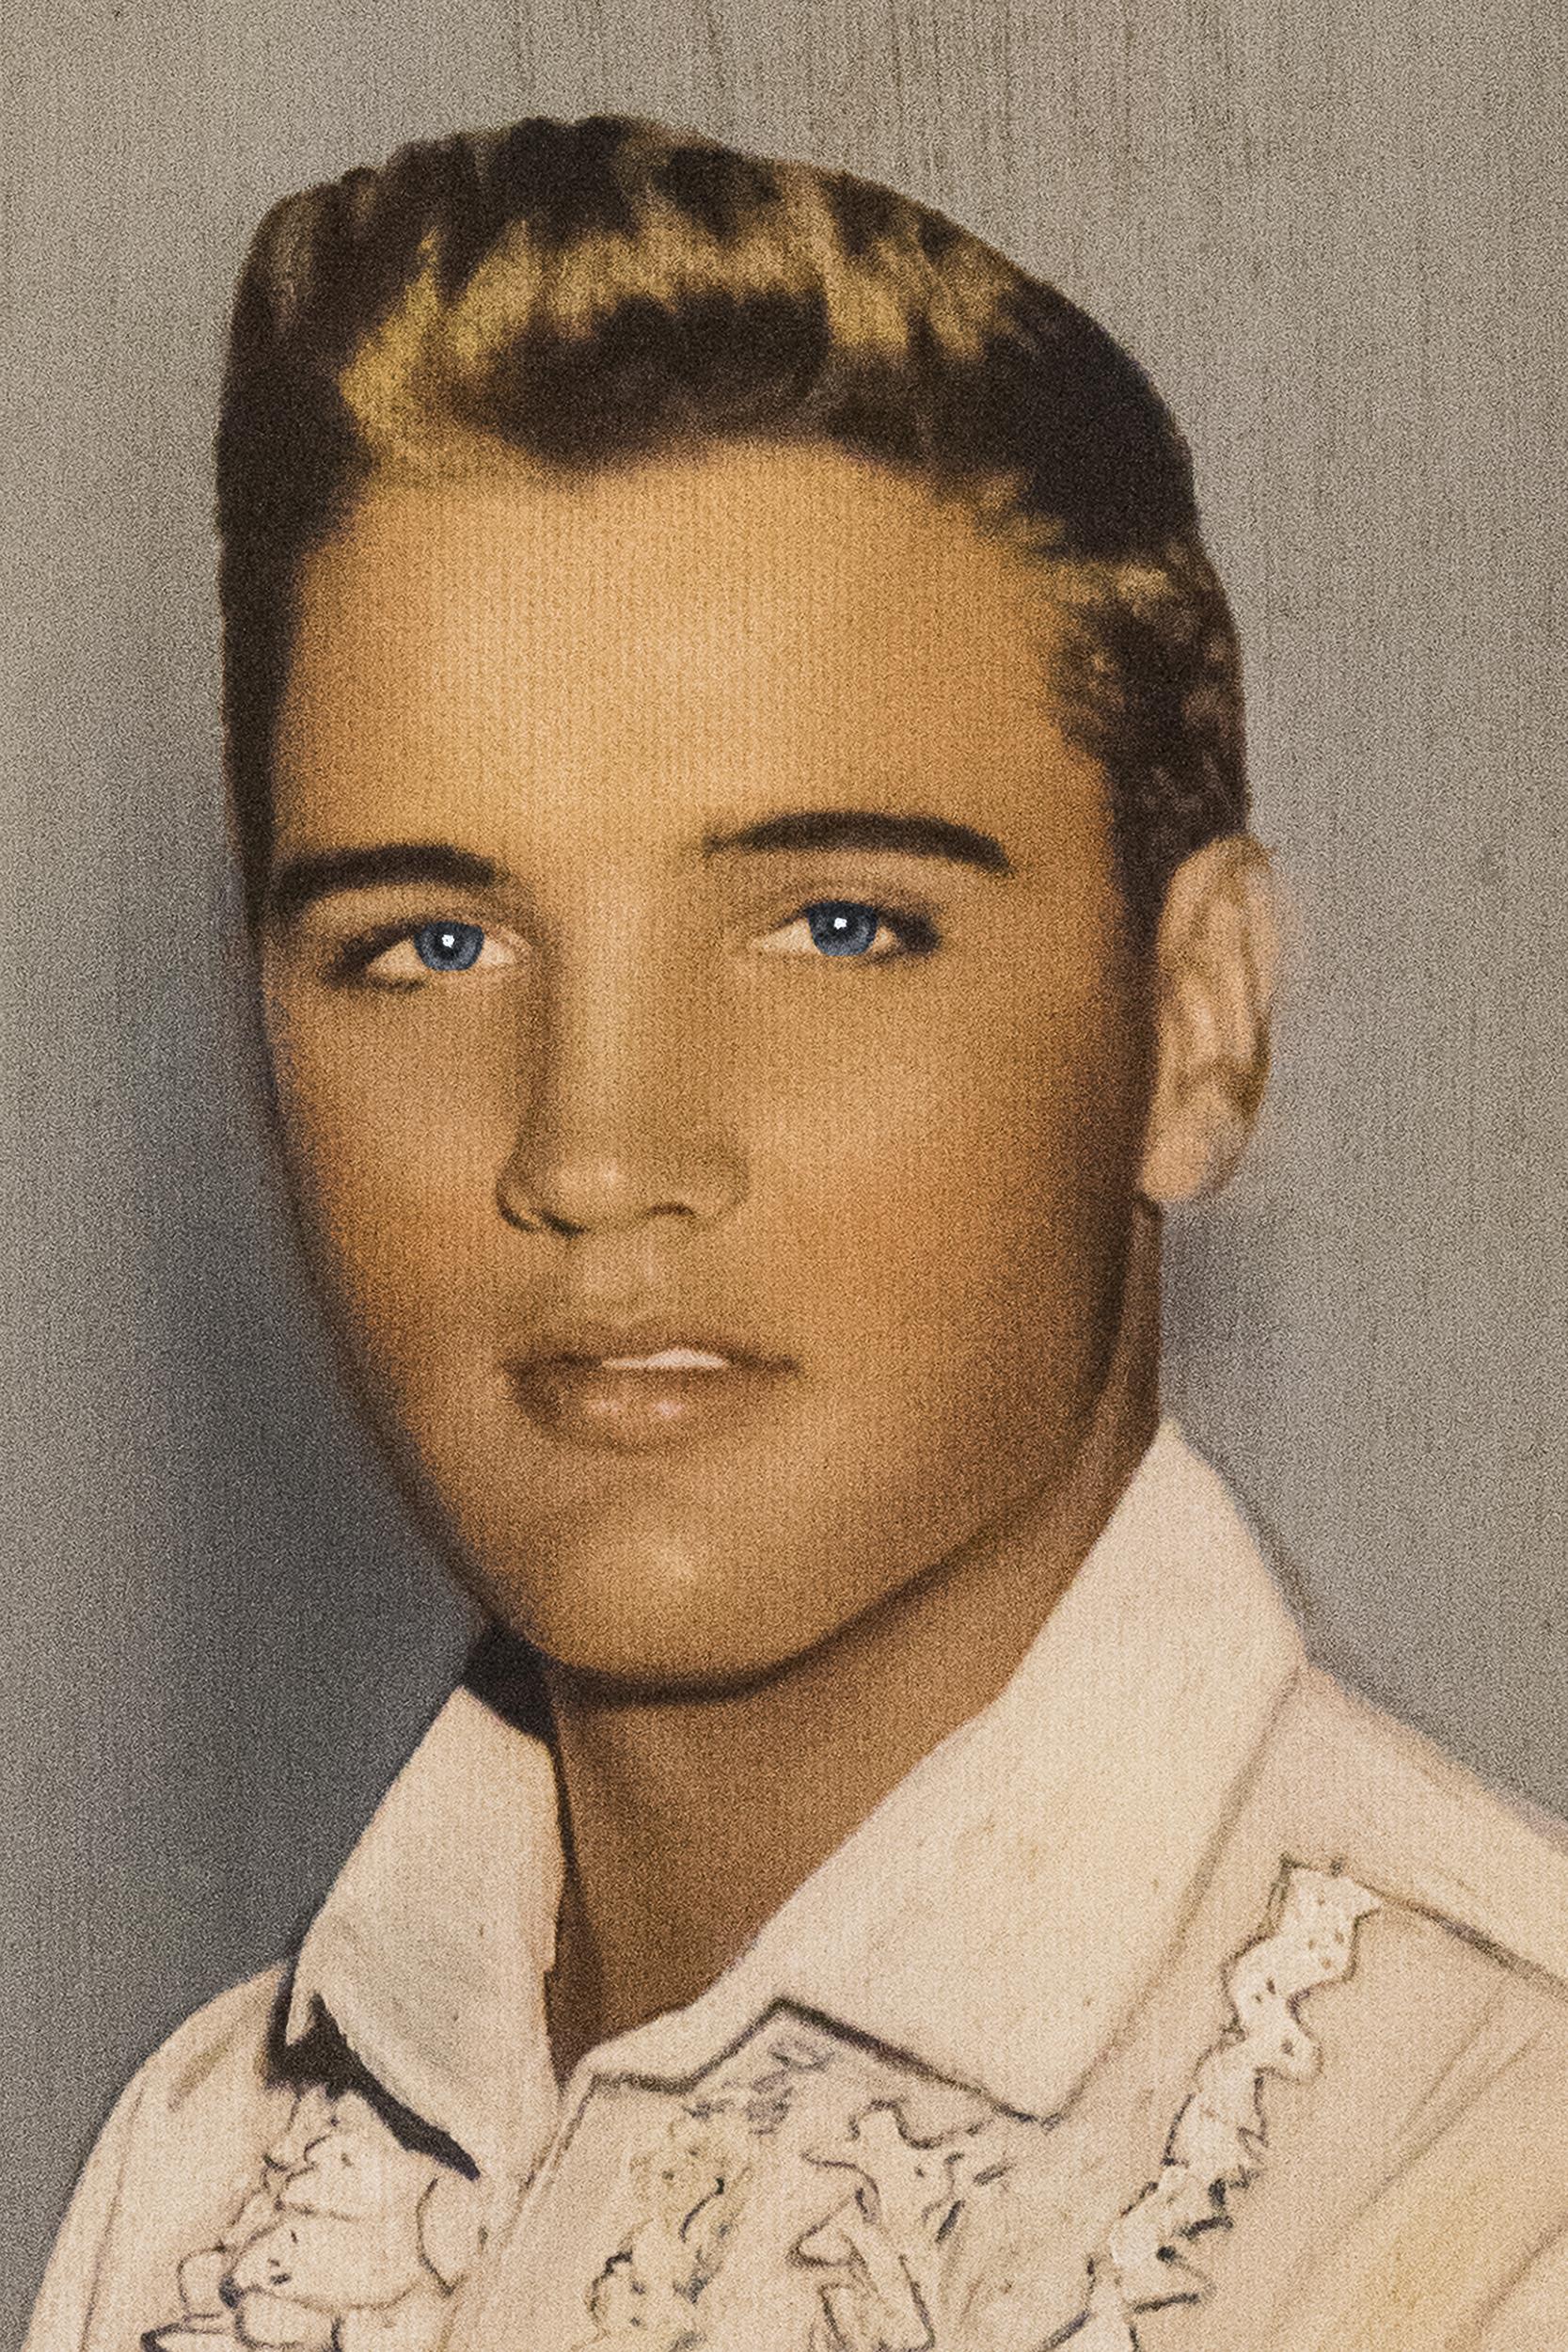 DSC05743 Elvis Teenager Zoom.jpg